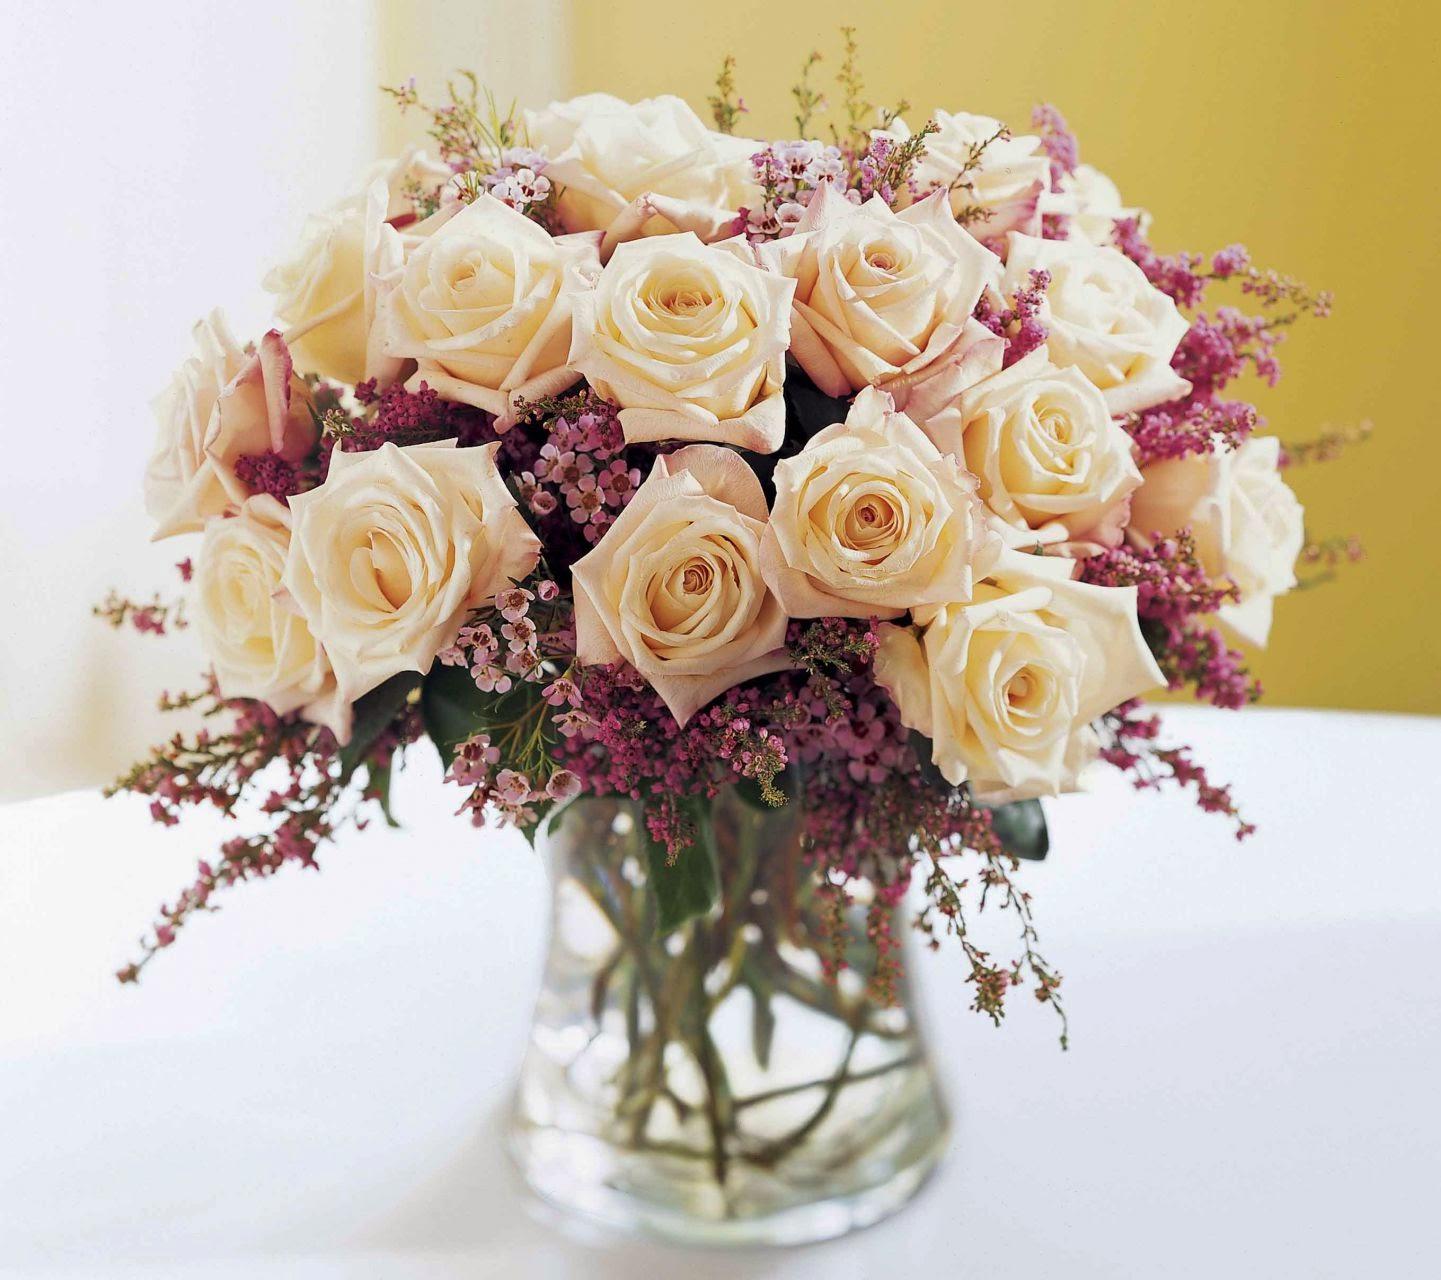 cvijeće za rođendan Praktični kućni savjeti: Kako da rezano cvijeće ostane što duže svježe cvijeće za rođendan